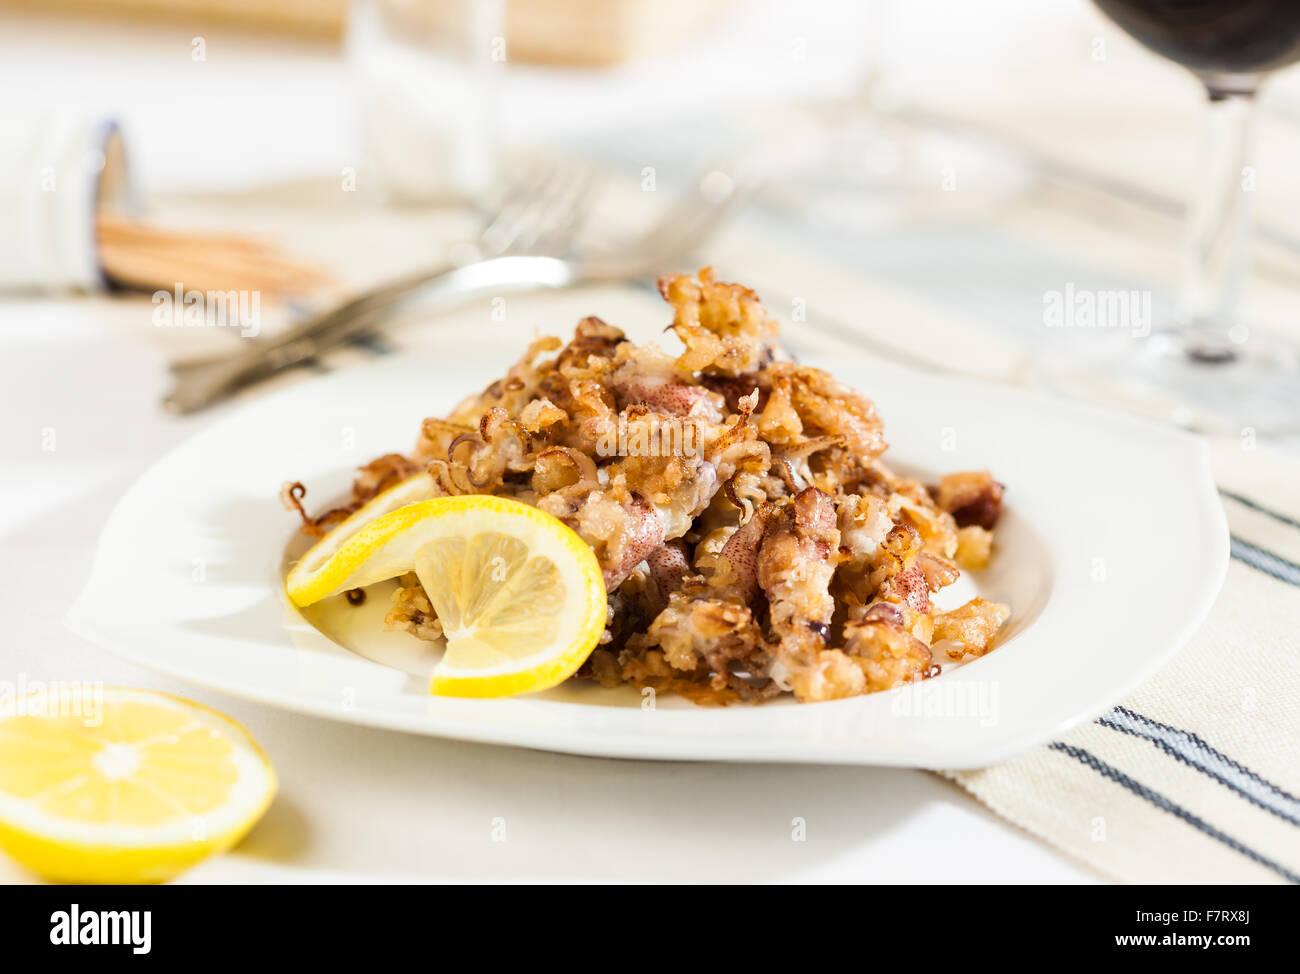 Calamares Fritos de tapas típicas españolas Imagen De Stock